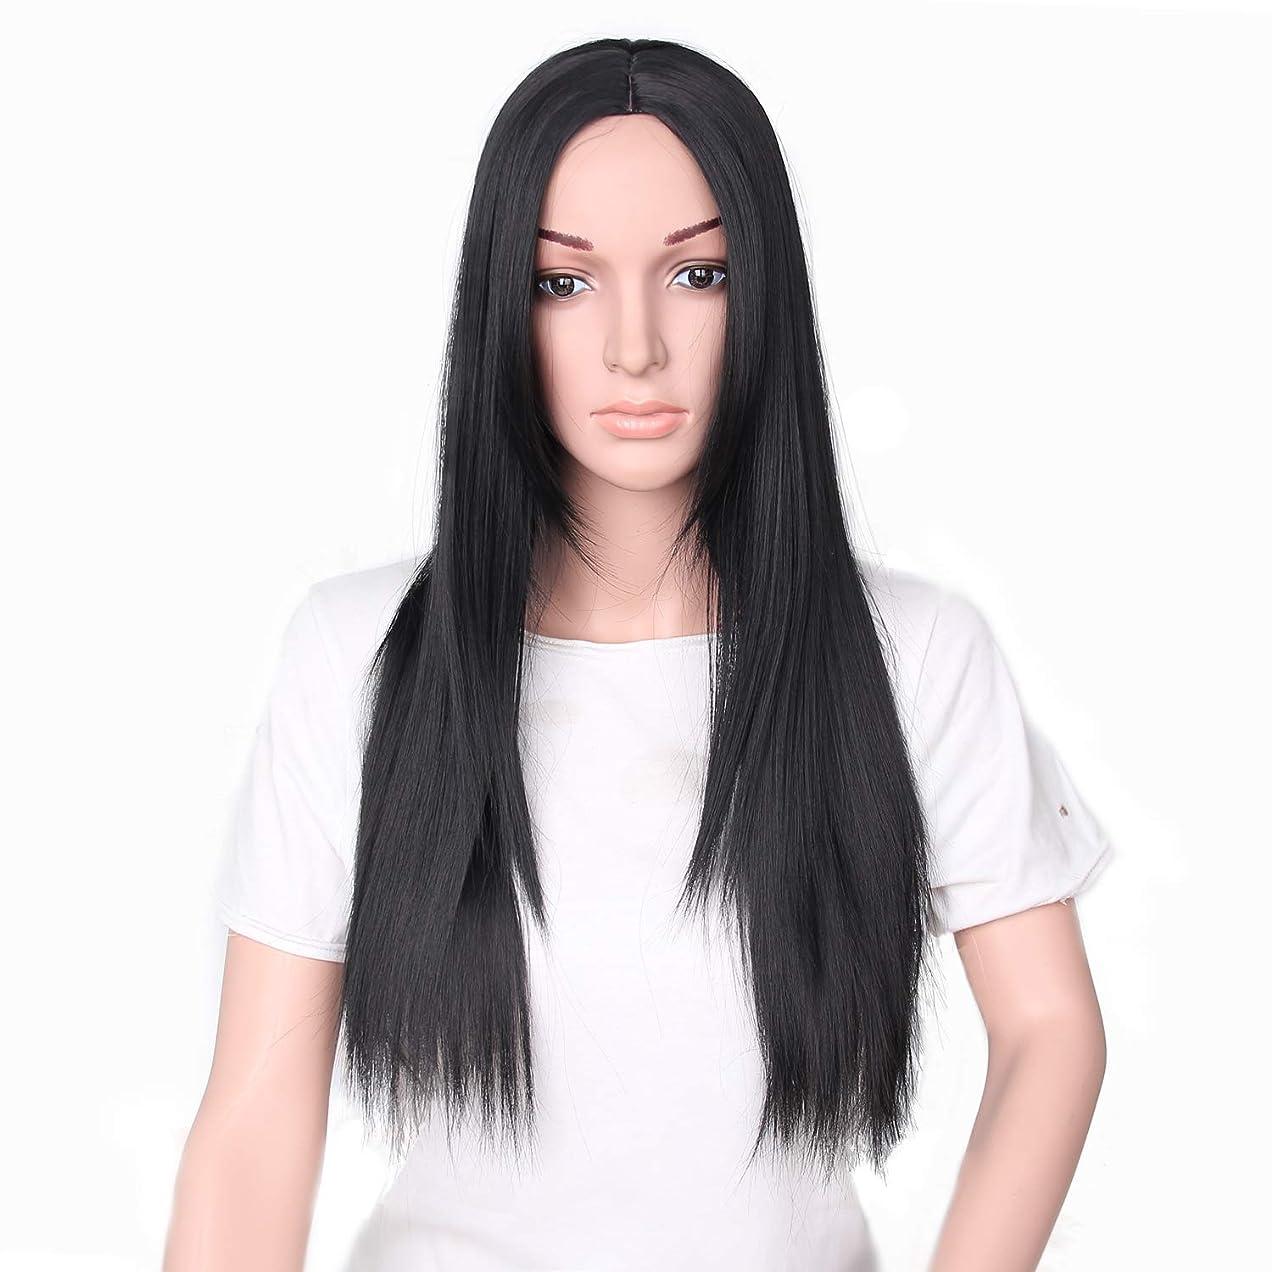 シャベルカルシウム共産主義者YZUEYT 66cm女性ナチュラルセンター分割ロングストレートブラックヘアウィッグ YZUEYT (Size : One size)